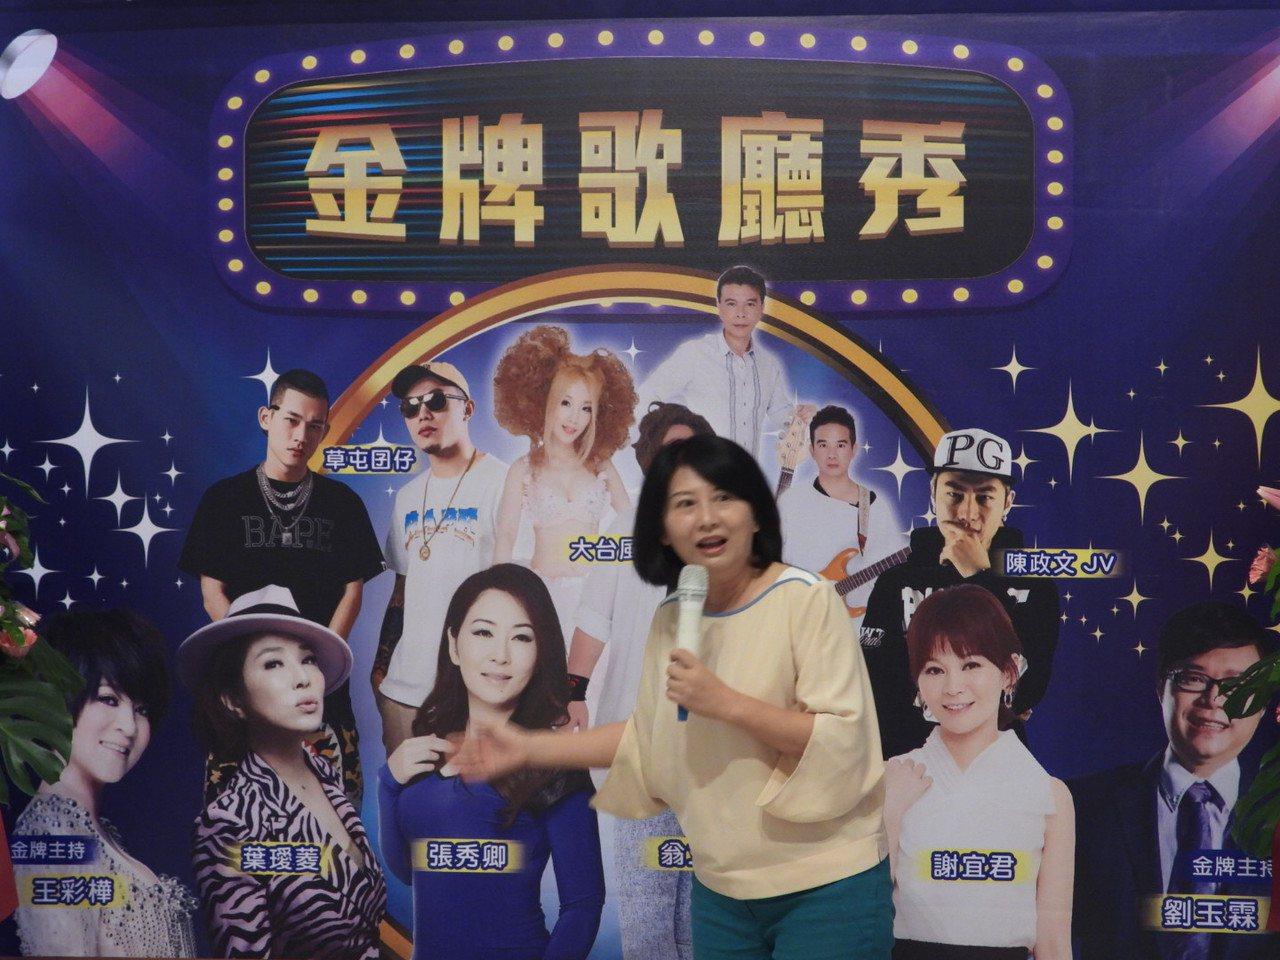 消失多年歌廳秀台南重新登場, 市長太太劉育菁要回味看歌廳秀時光。記者周宗禎/攝影